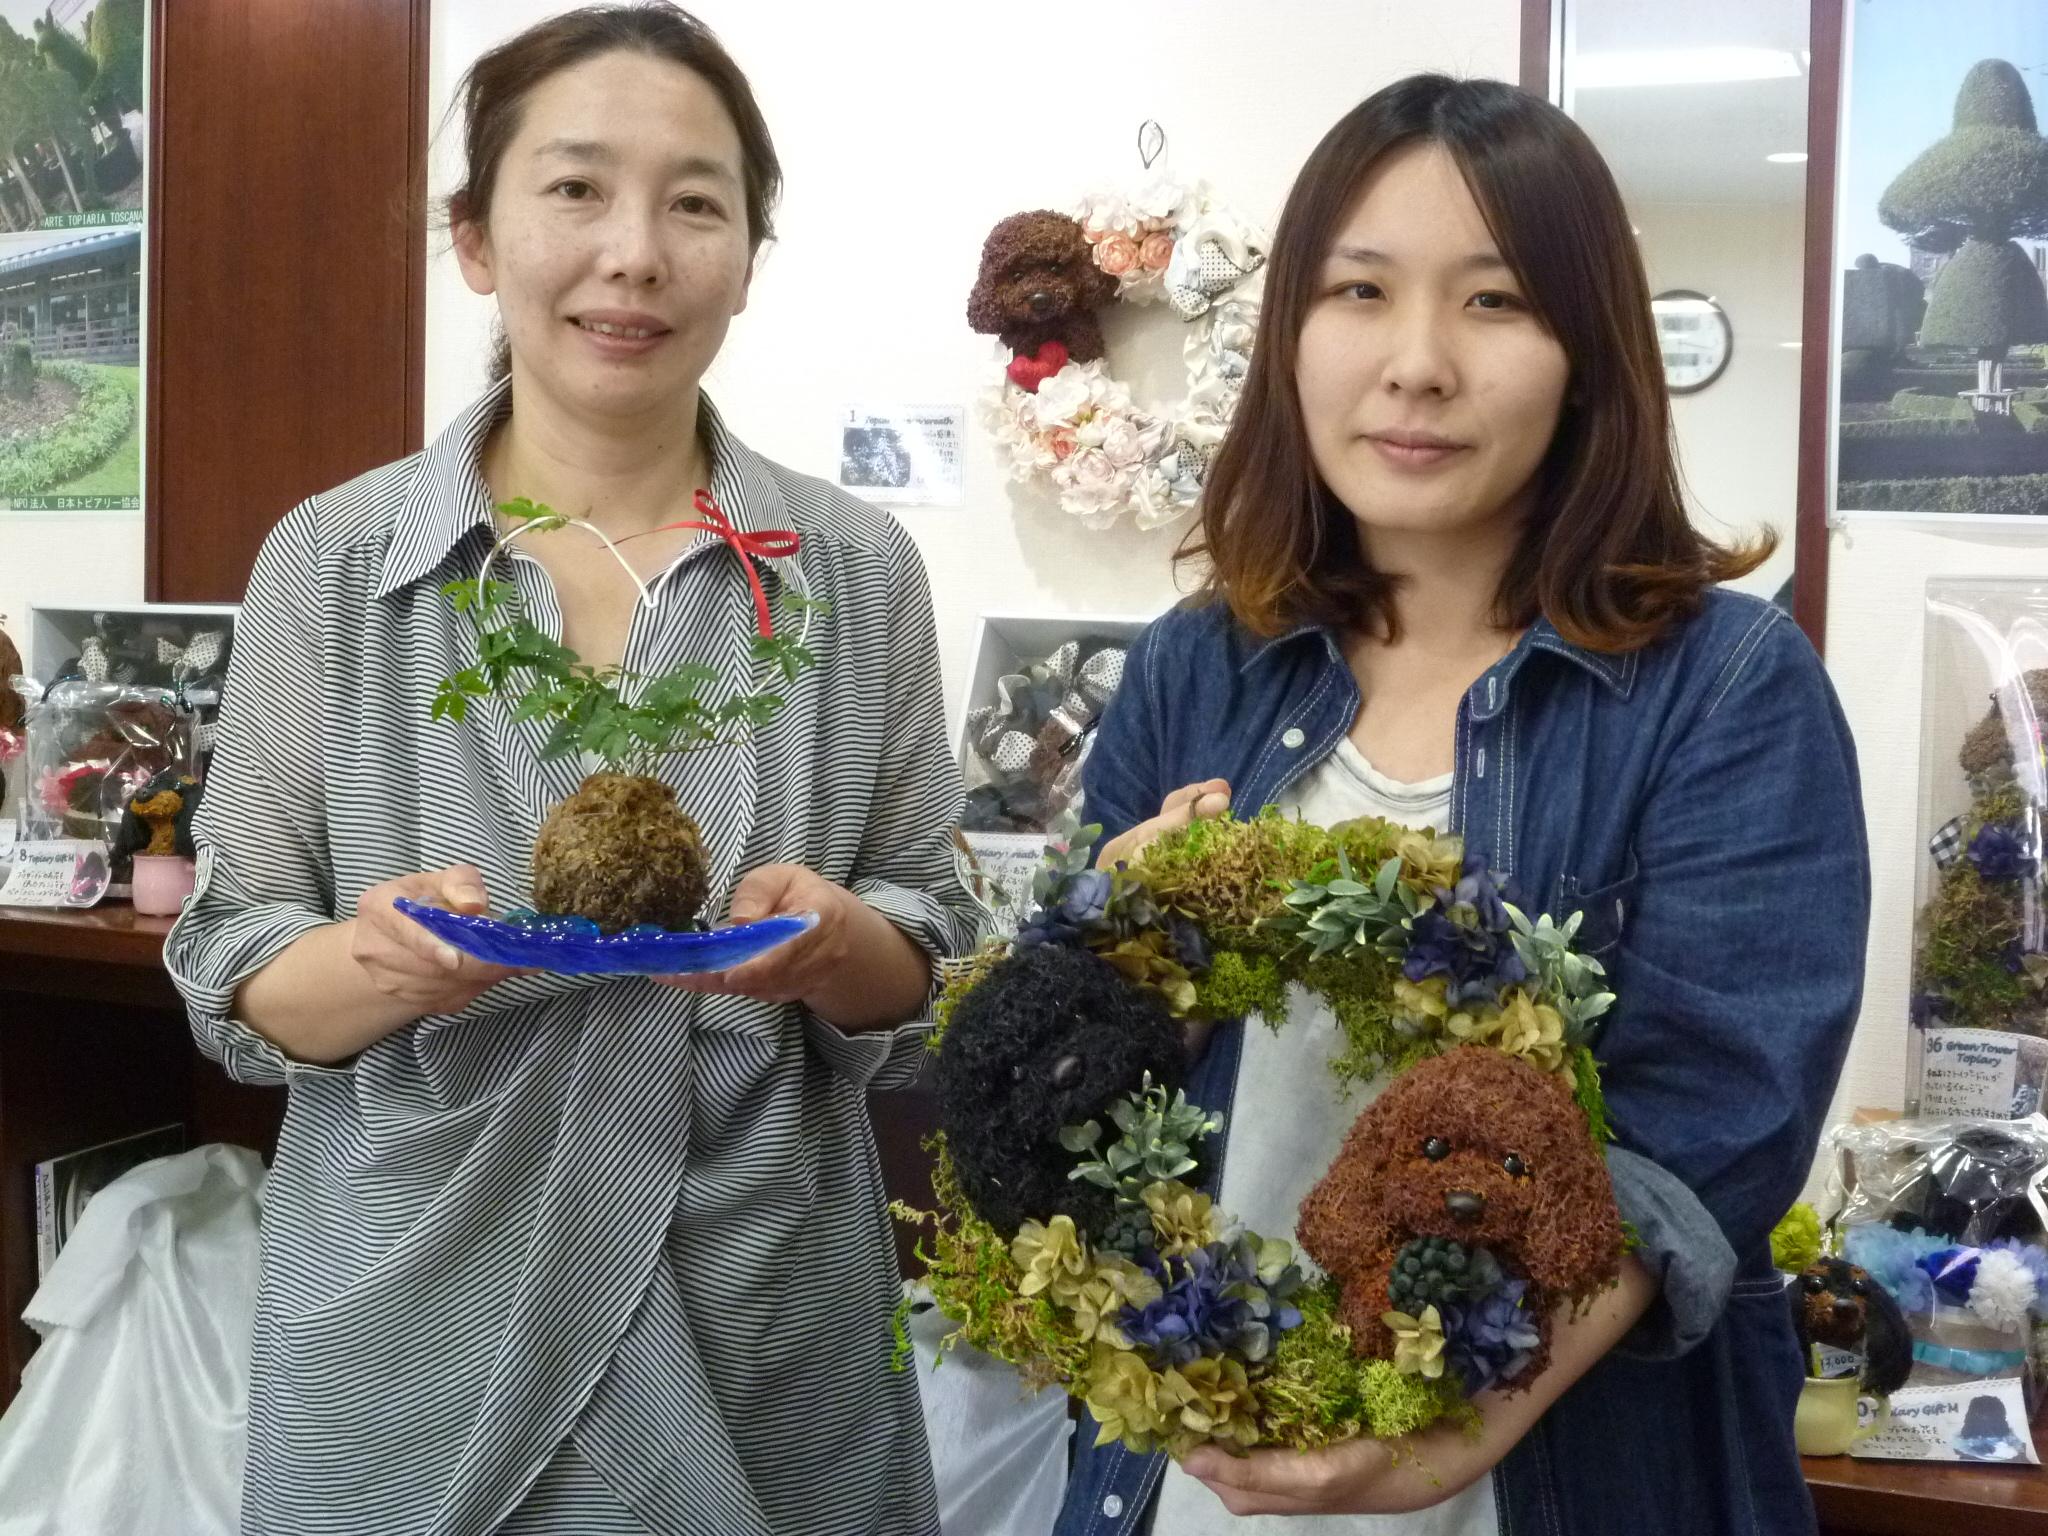 石川県在住の中戸さん(右)ですが、フットワークの良さはピカイチ!所用の合間に駆けつけてくれました。晝間綾子さん(左)と。